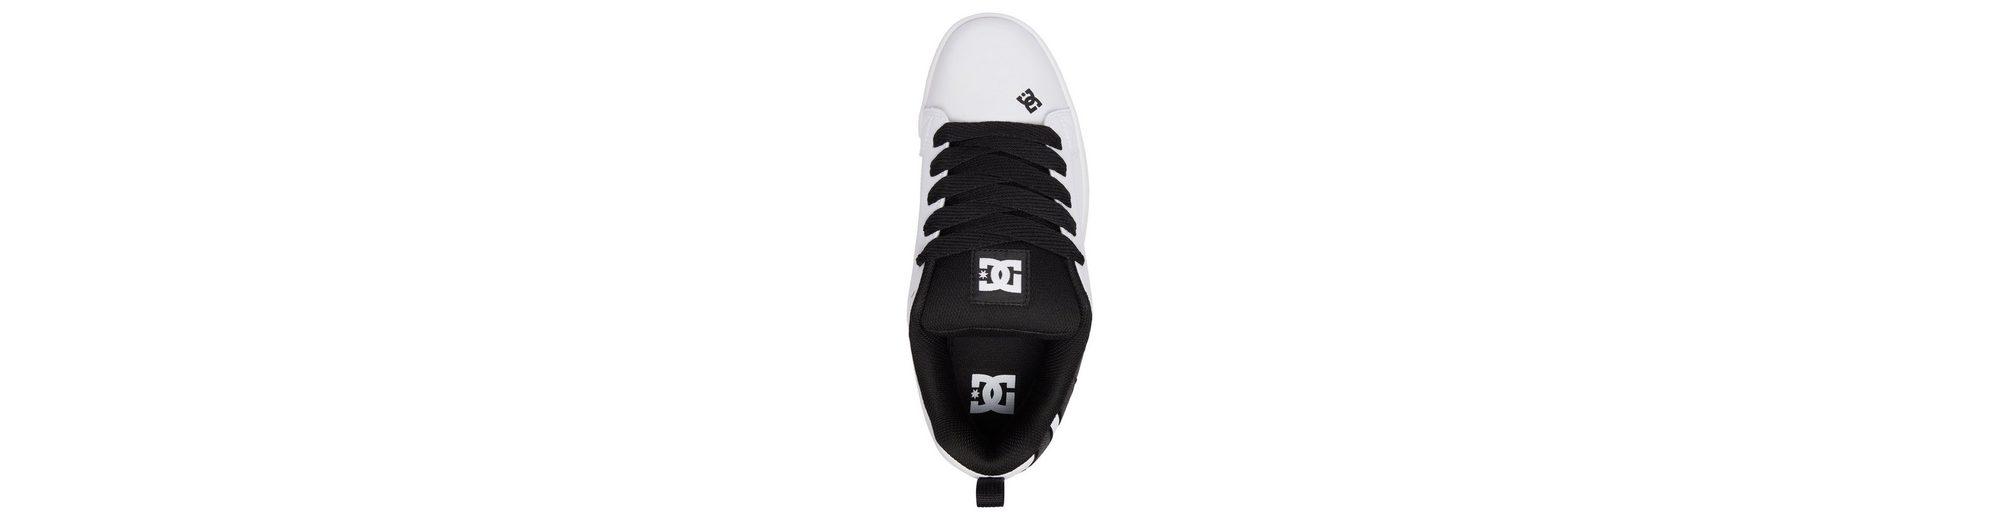 Billige Sammlungen DC Shoes Schuhe Court Graffik SE Billig Bester Laden Zu Bekommen Heißen Verkauf Online-Verkauf Empfehlen Günstigen Preis Beliebt Zu Verkaufen pPLChl